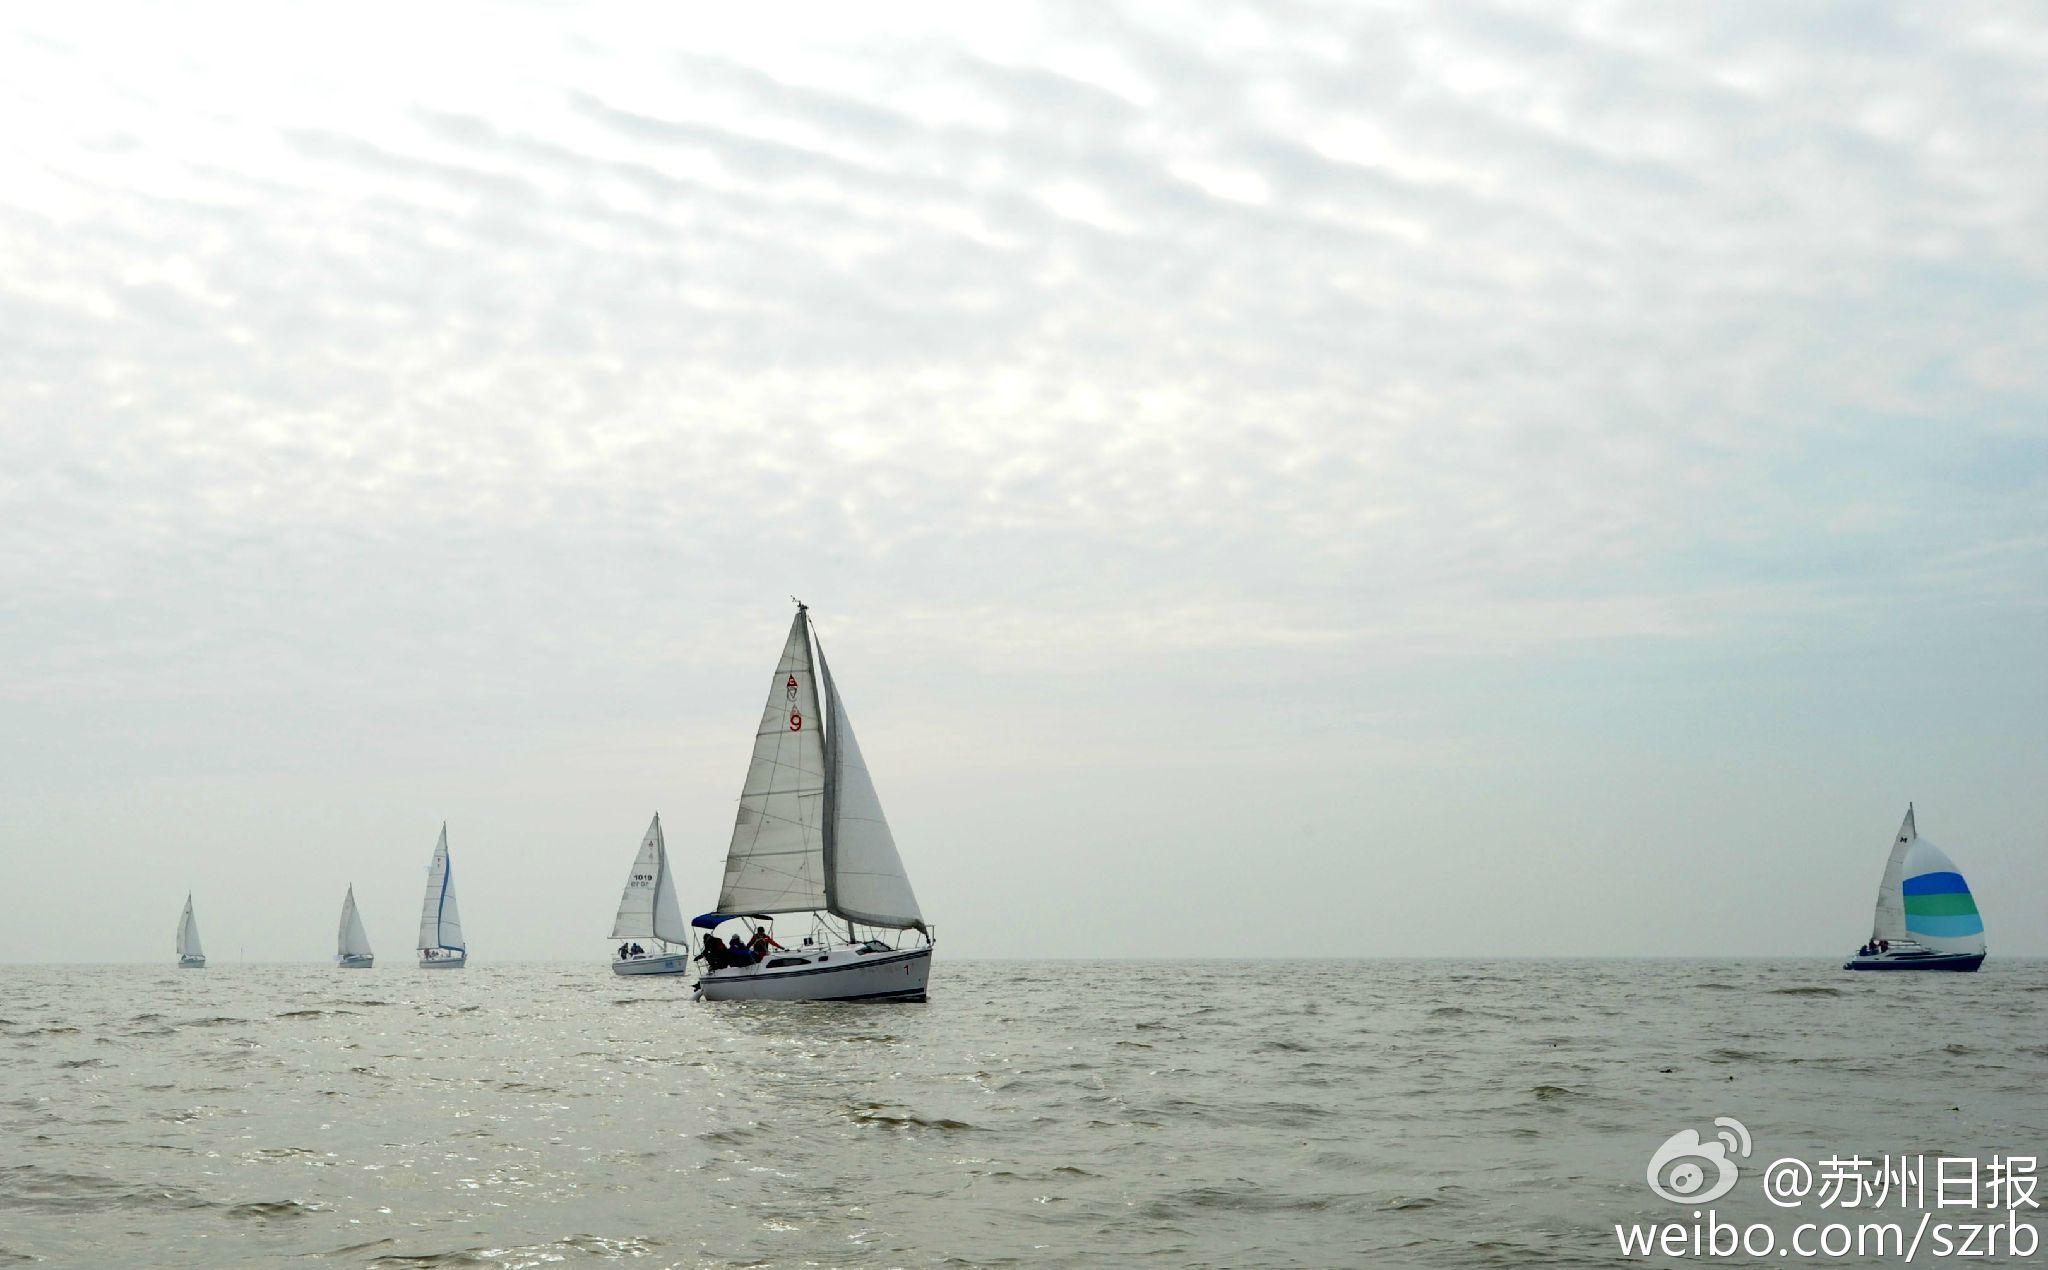 浙江湖州,江苏省,有限公司,帆船运动,卡特琳娜 太湖水域首个帆船比赛环太湖帆船拉力赛扬帆 2.jpg